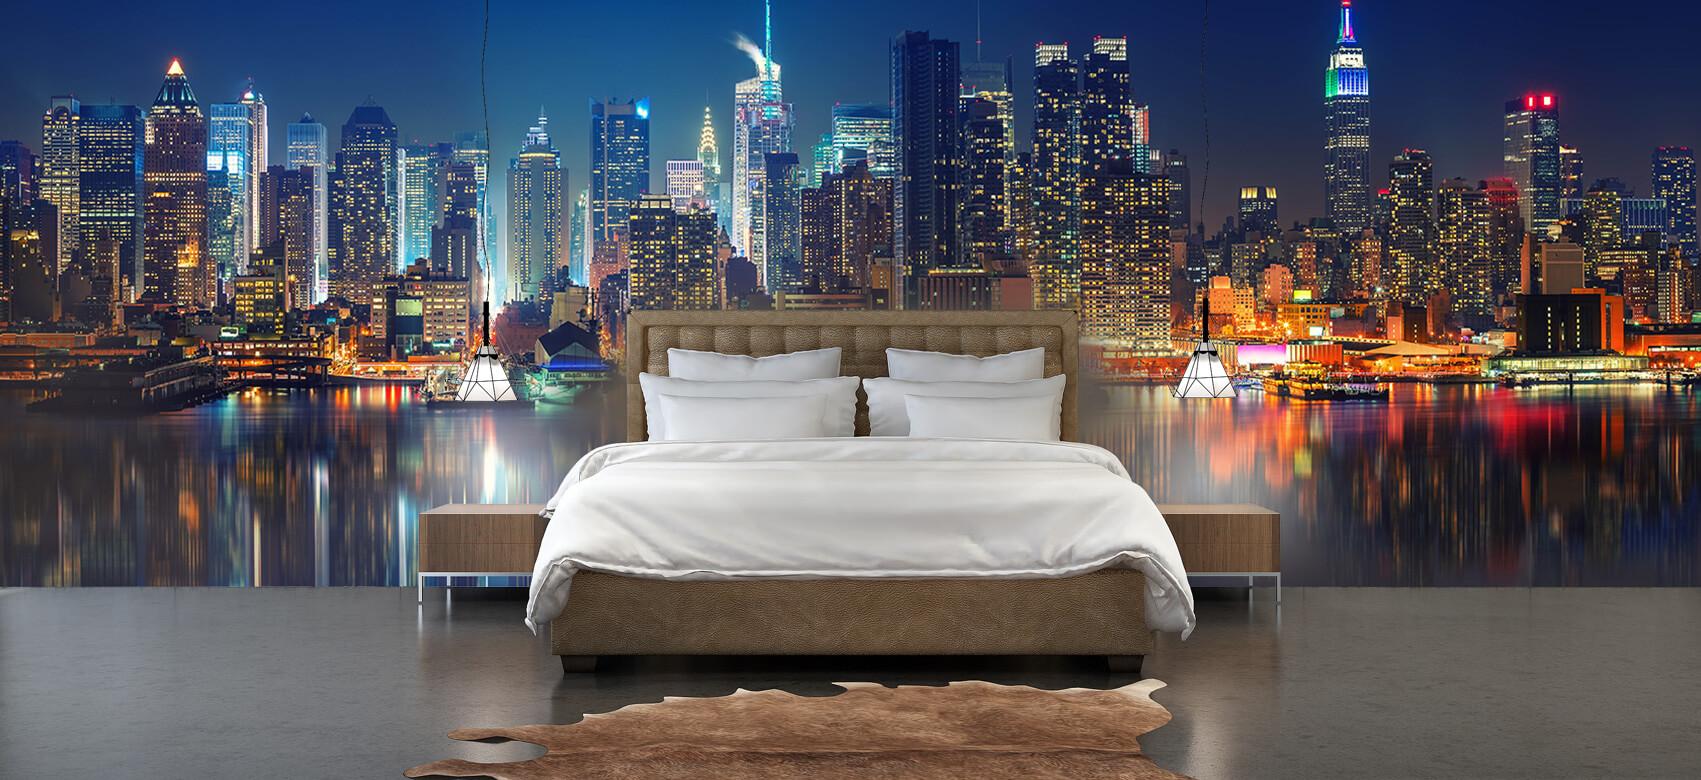 World & Cities Photo wallpaper New York skyline at night 3